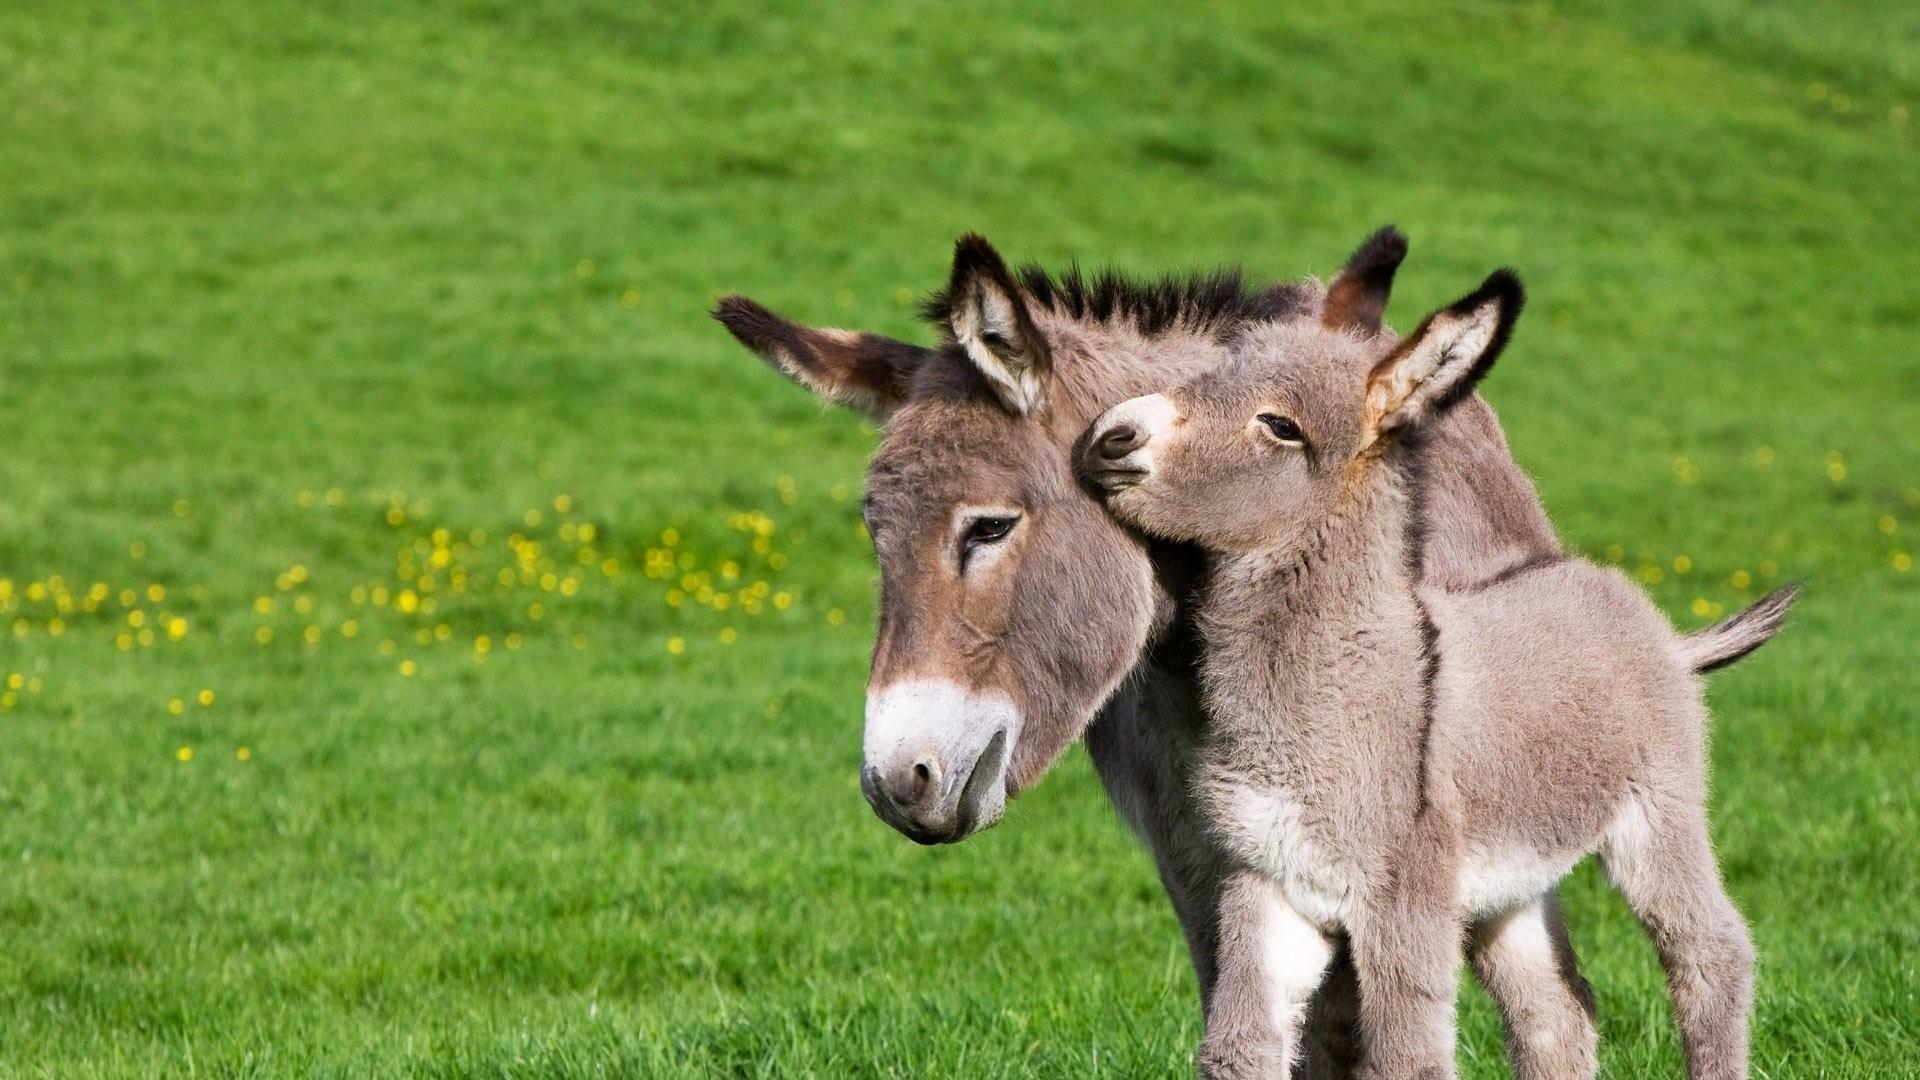 Donkey Family Wallpaper